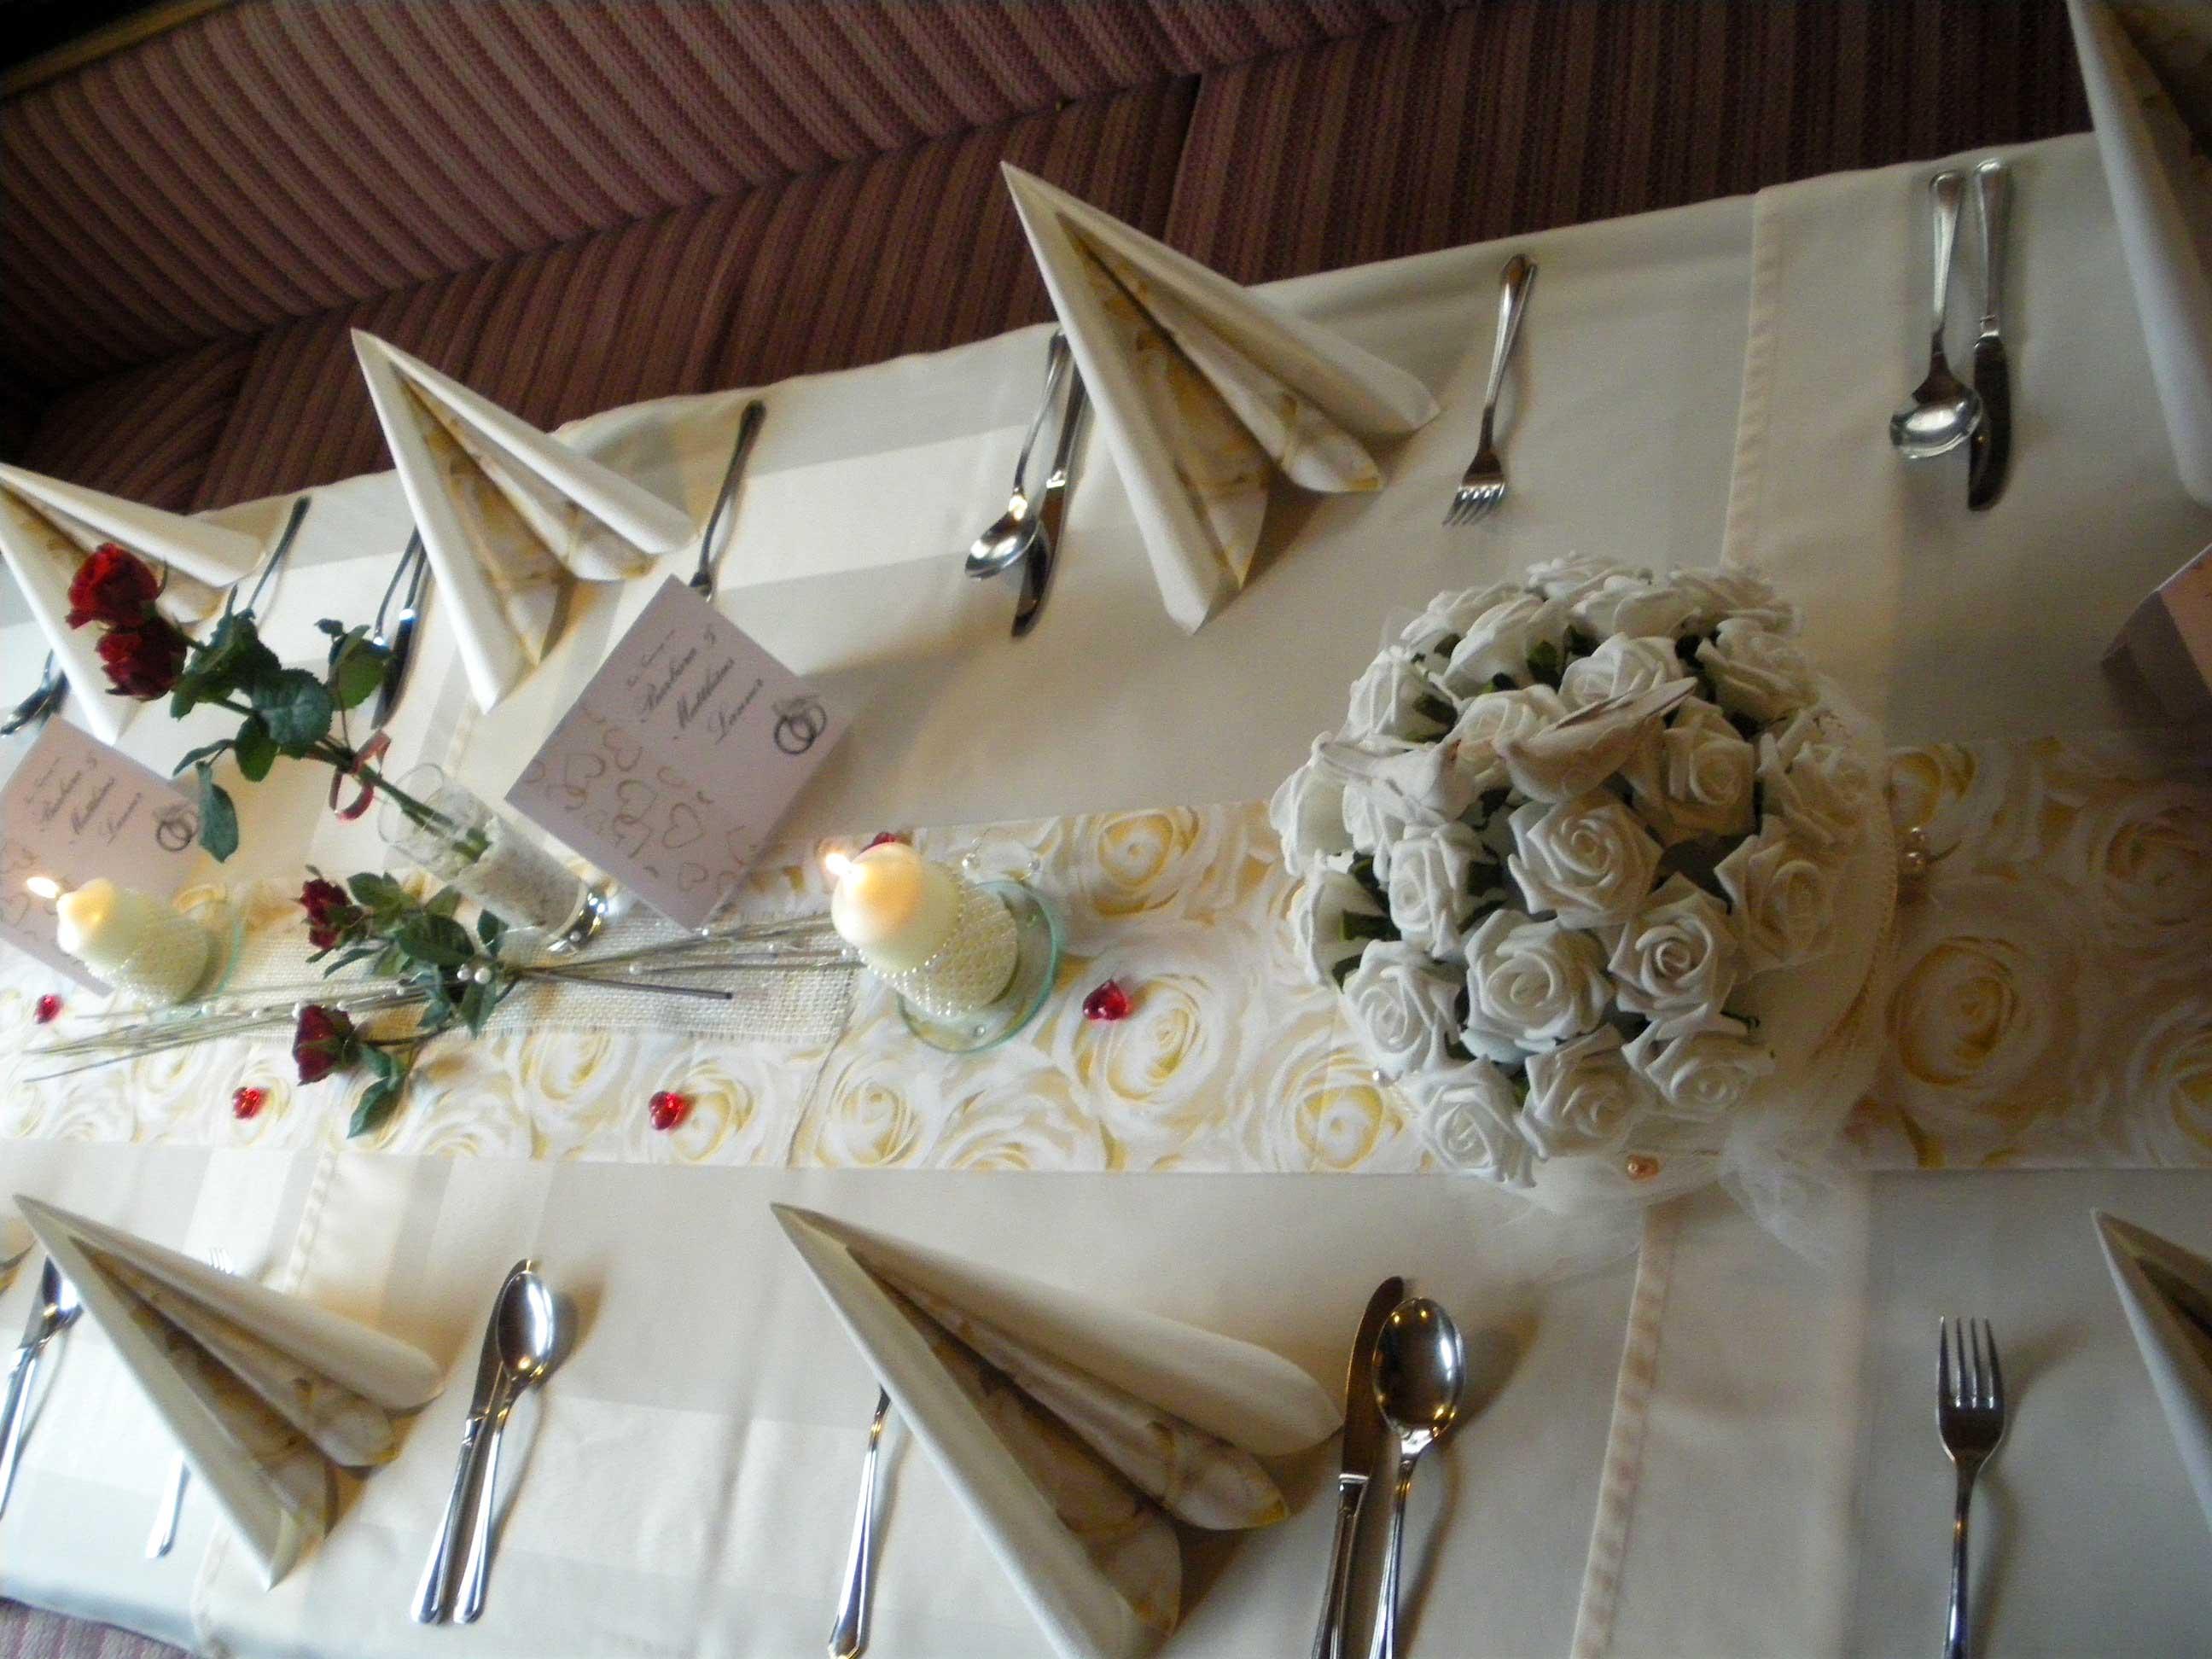 Hochzeitsfeier Dekoration Laemmerhof S Blog